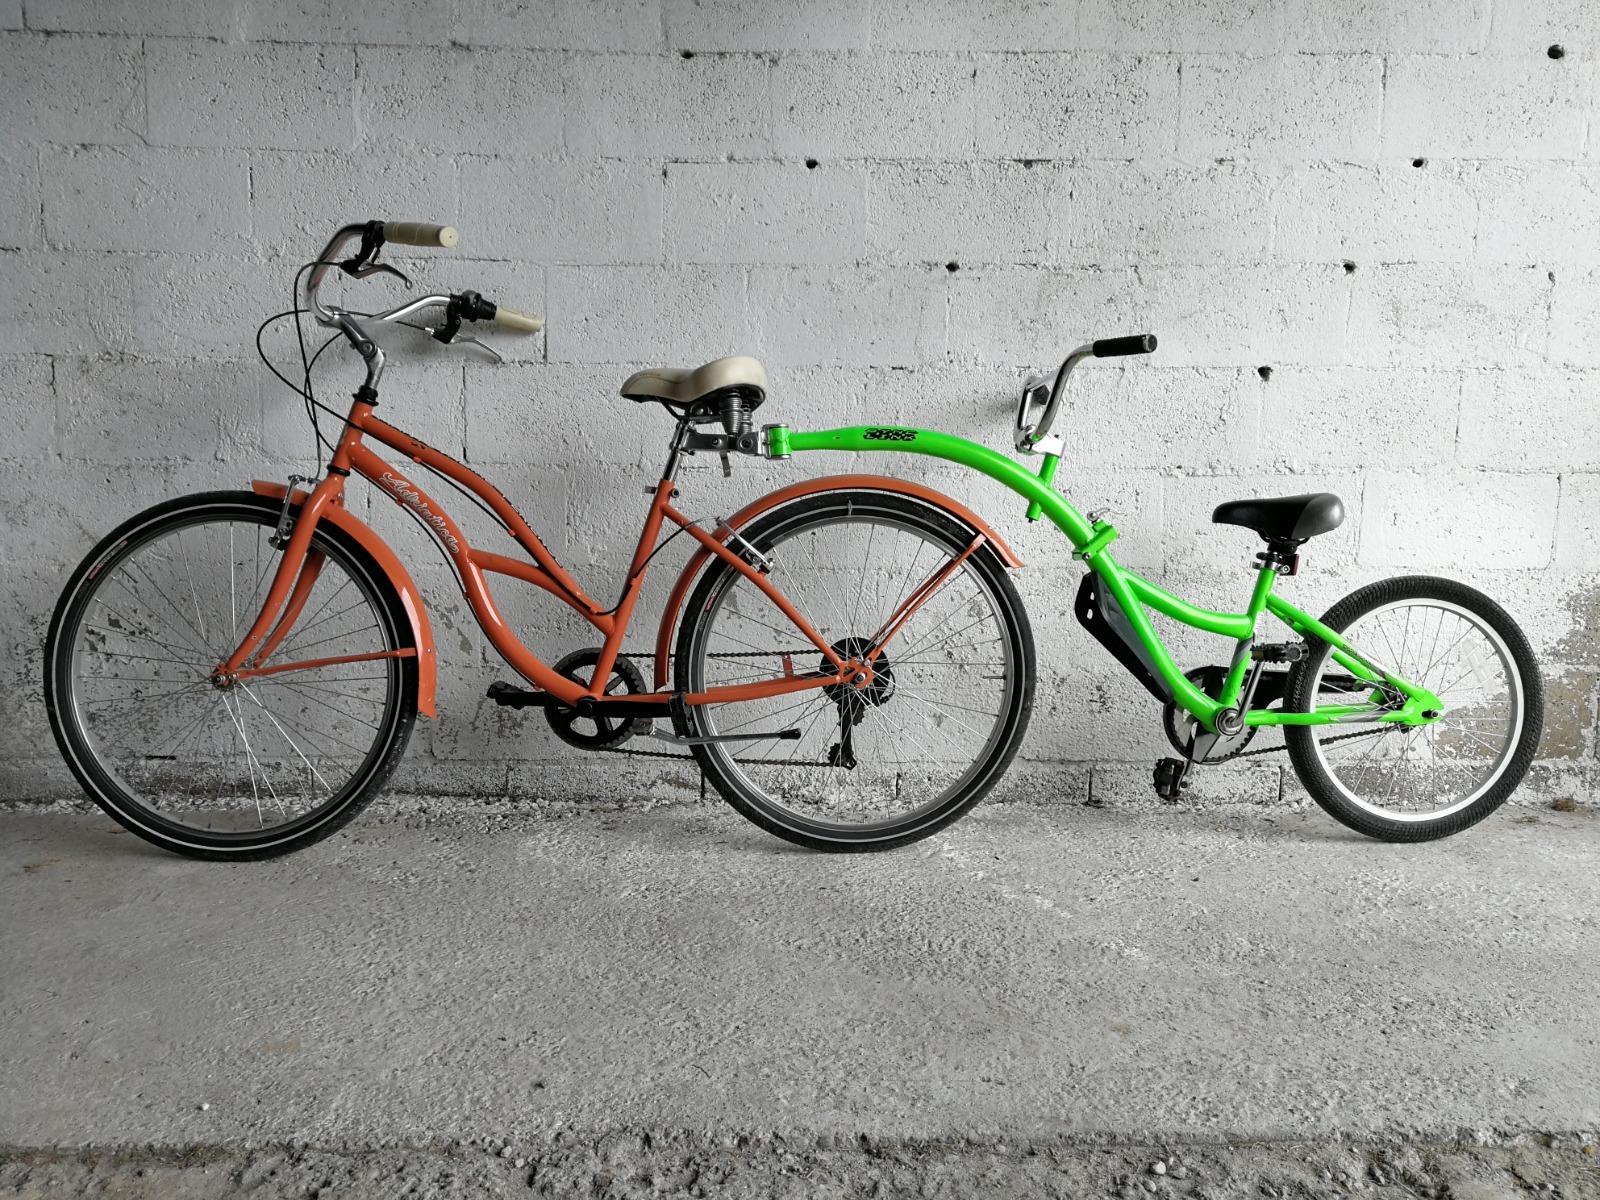 Noleggio CAMMELLINO per bici - Mantova